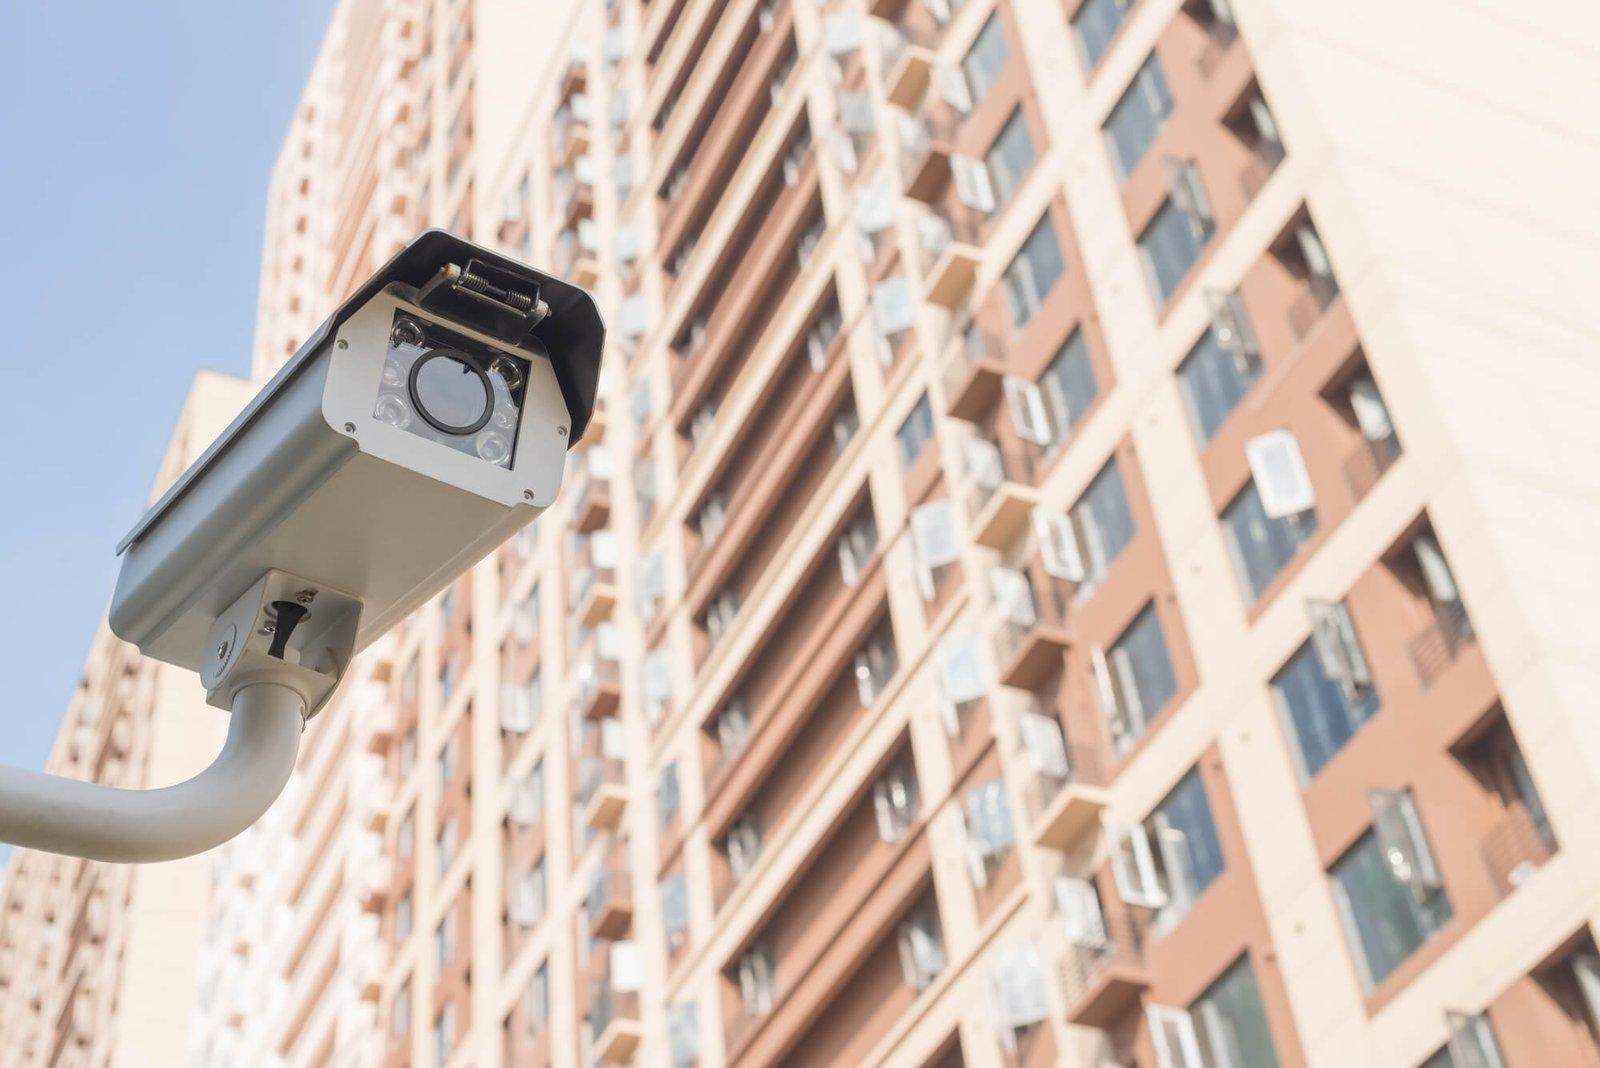 Segurança eletrônica em BH: por que contratar e onde encontrar?